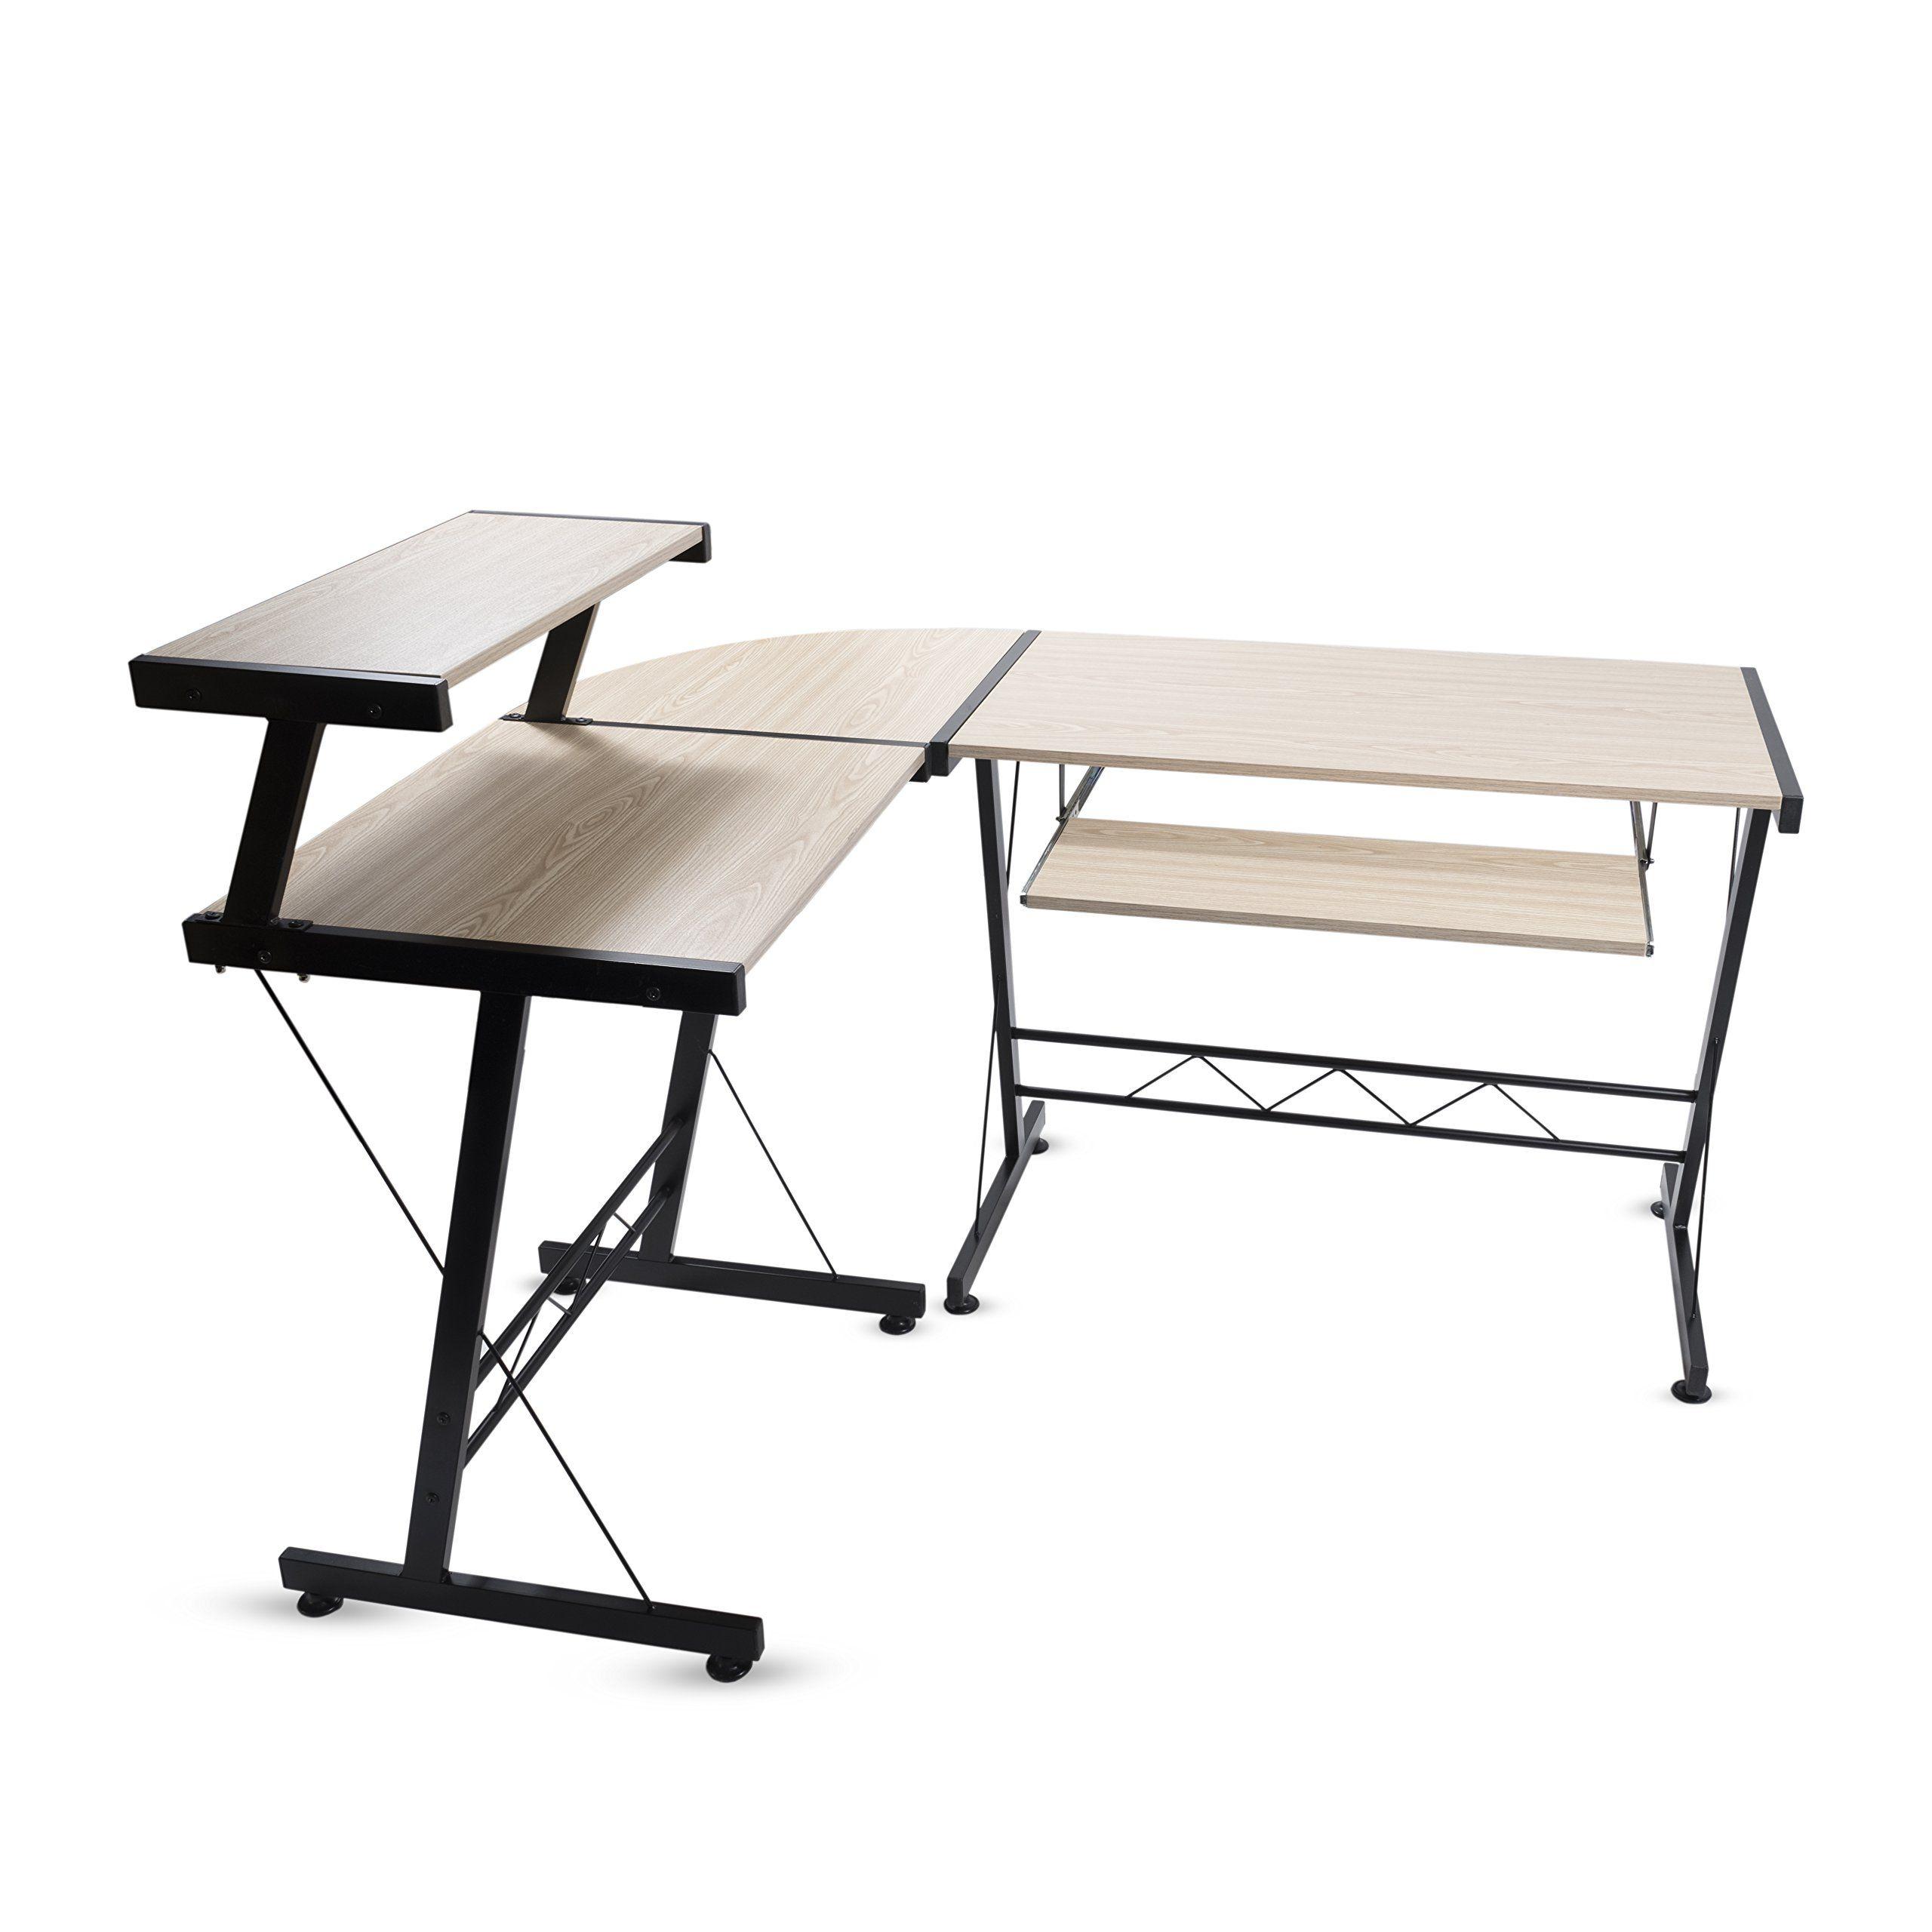 modern durable l shape computer desk workstation great for office